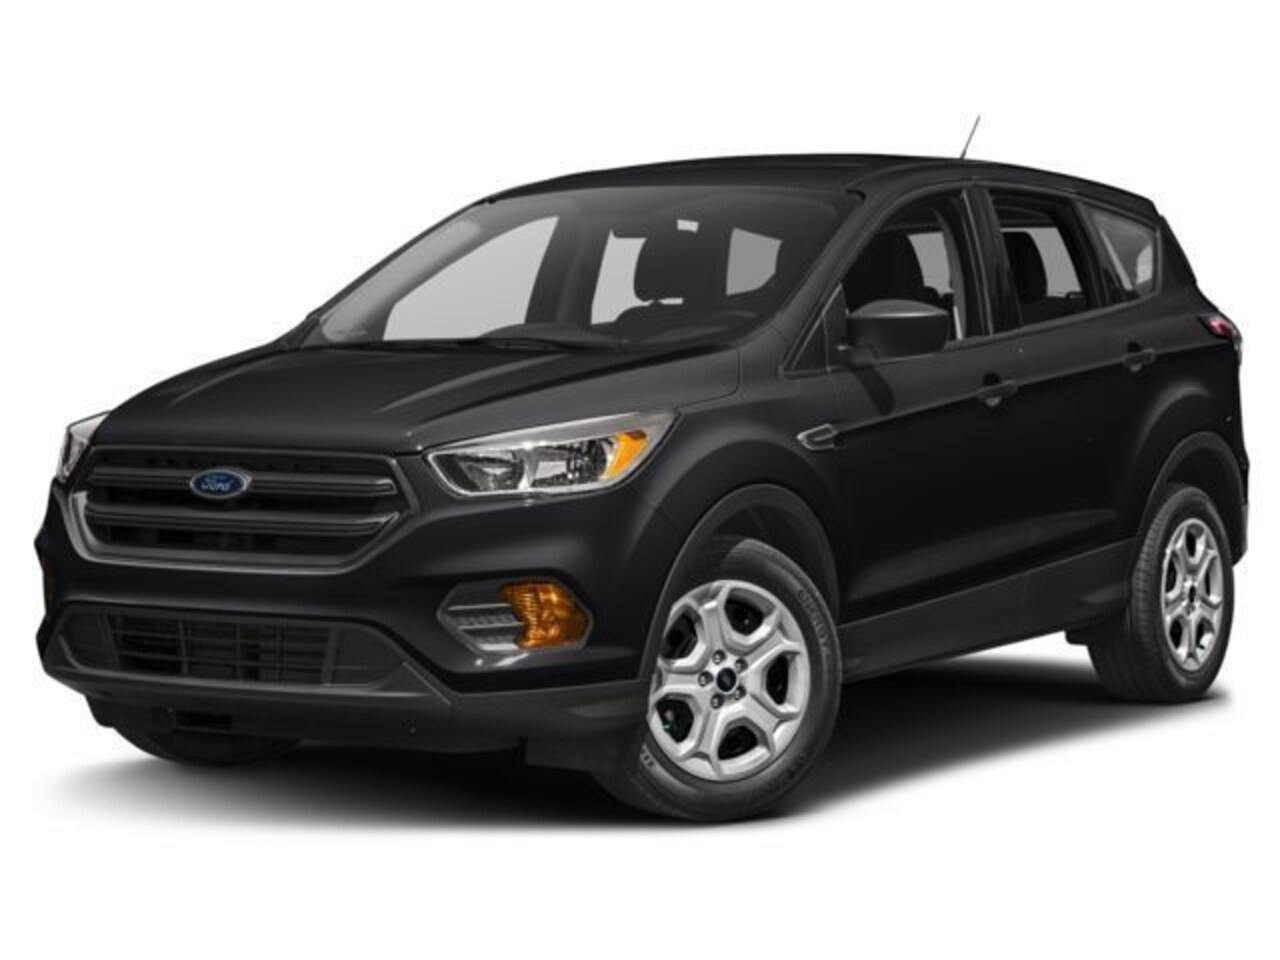 2018 Ford Escape SE 200A FWD NAV SYNC SAFE SMART PKGS SUV